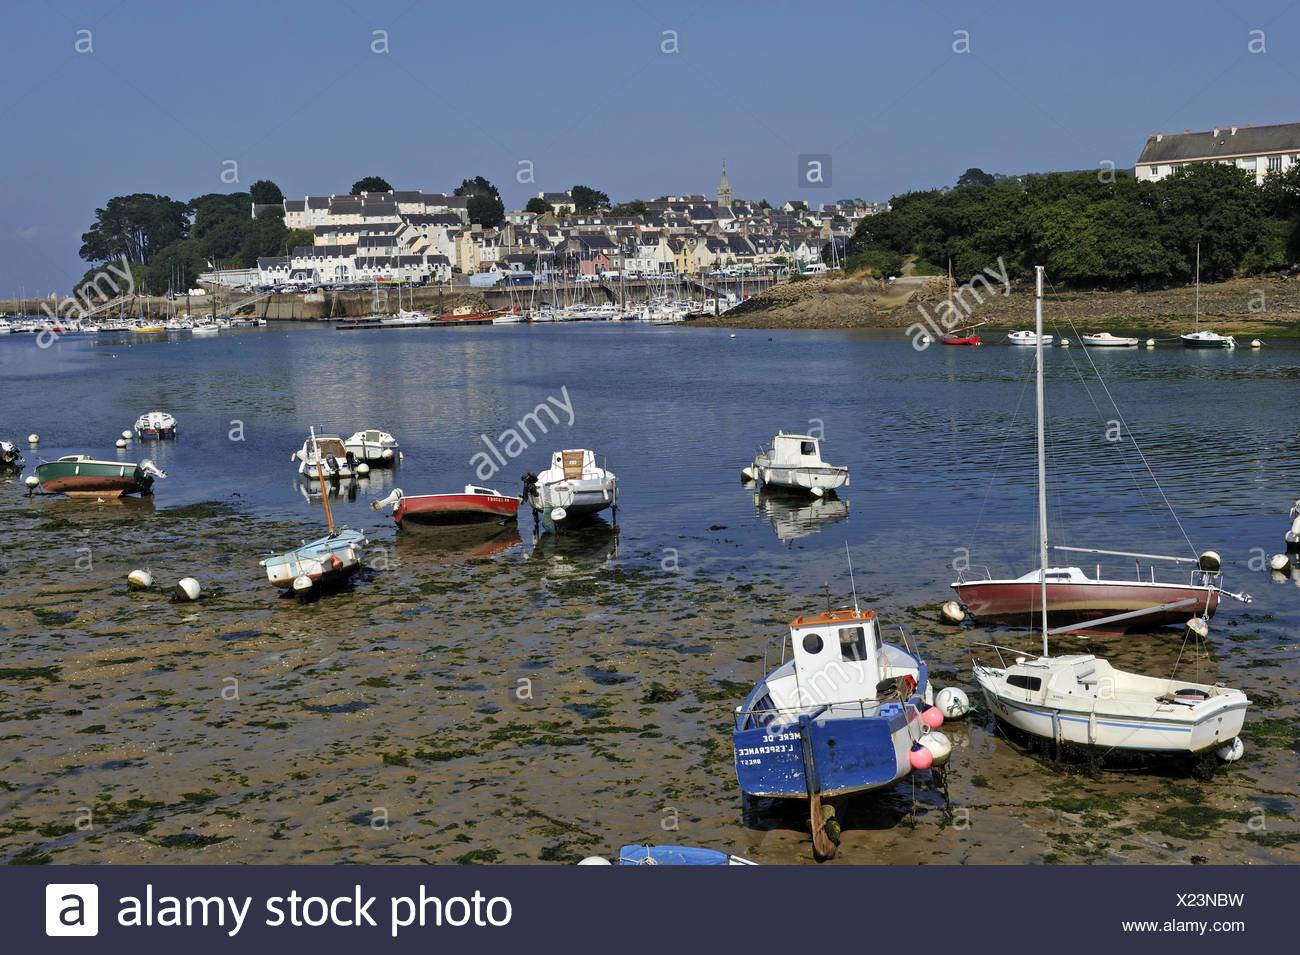 Le long de la baie d'origines Atlantique voile Bretagne côte couleur libre de cornouaille Douarnenez Ministère de l'estuaire de l'Europe Banque D'Images